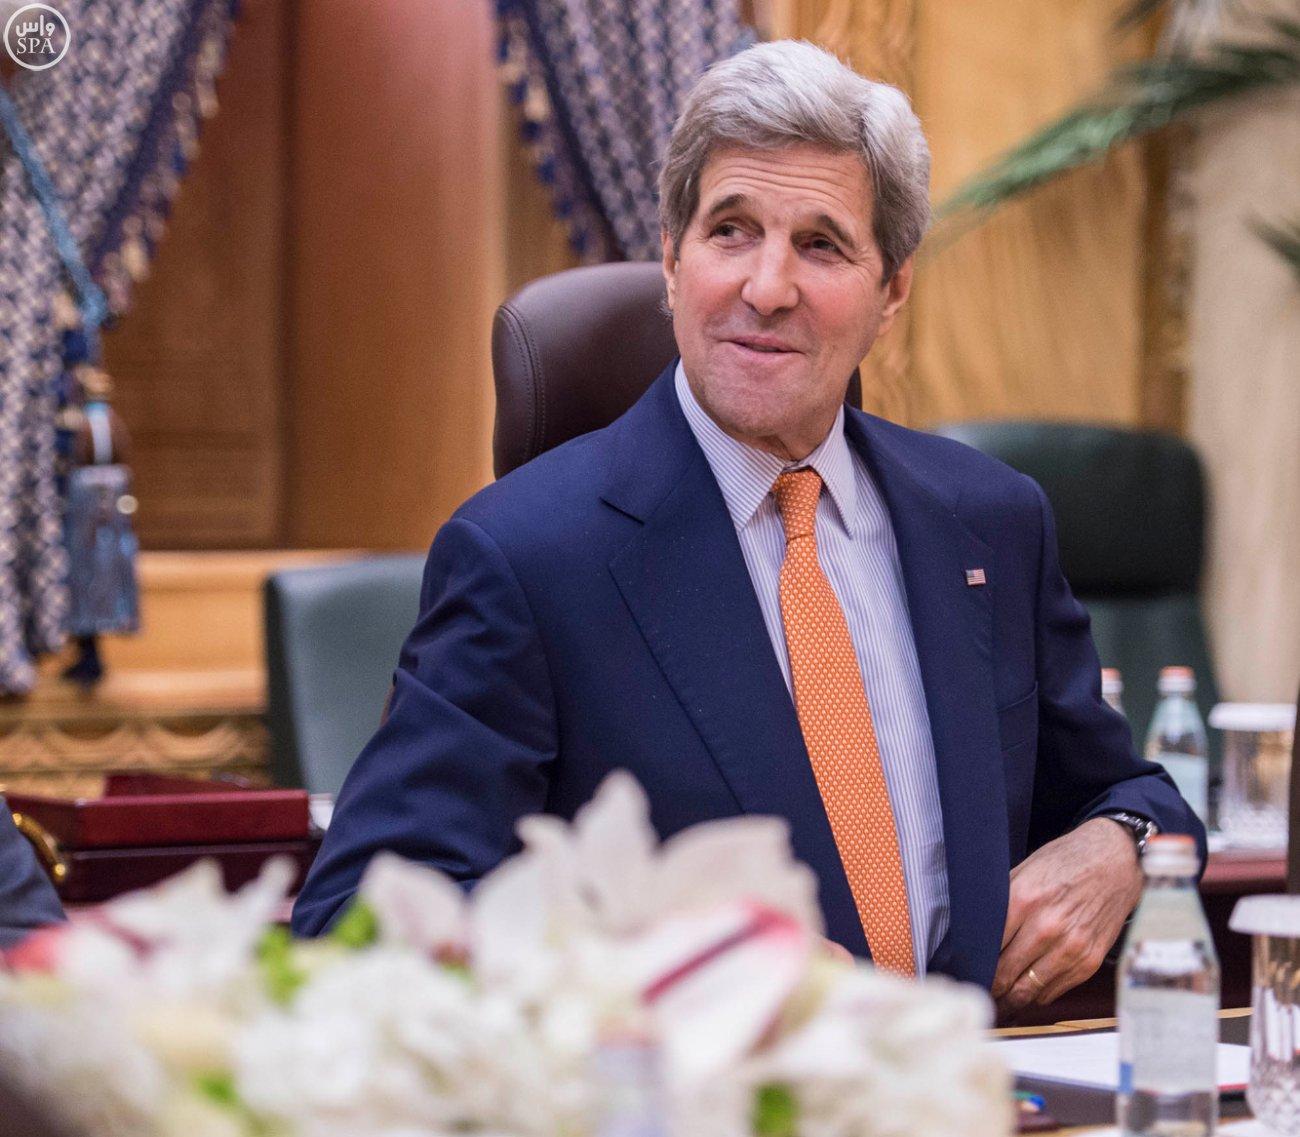 محمد بن سلمان يجتمع بوزير الخارجية الامريكي جون كيري2